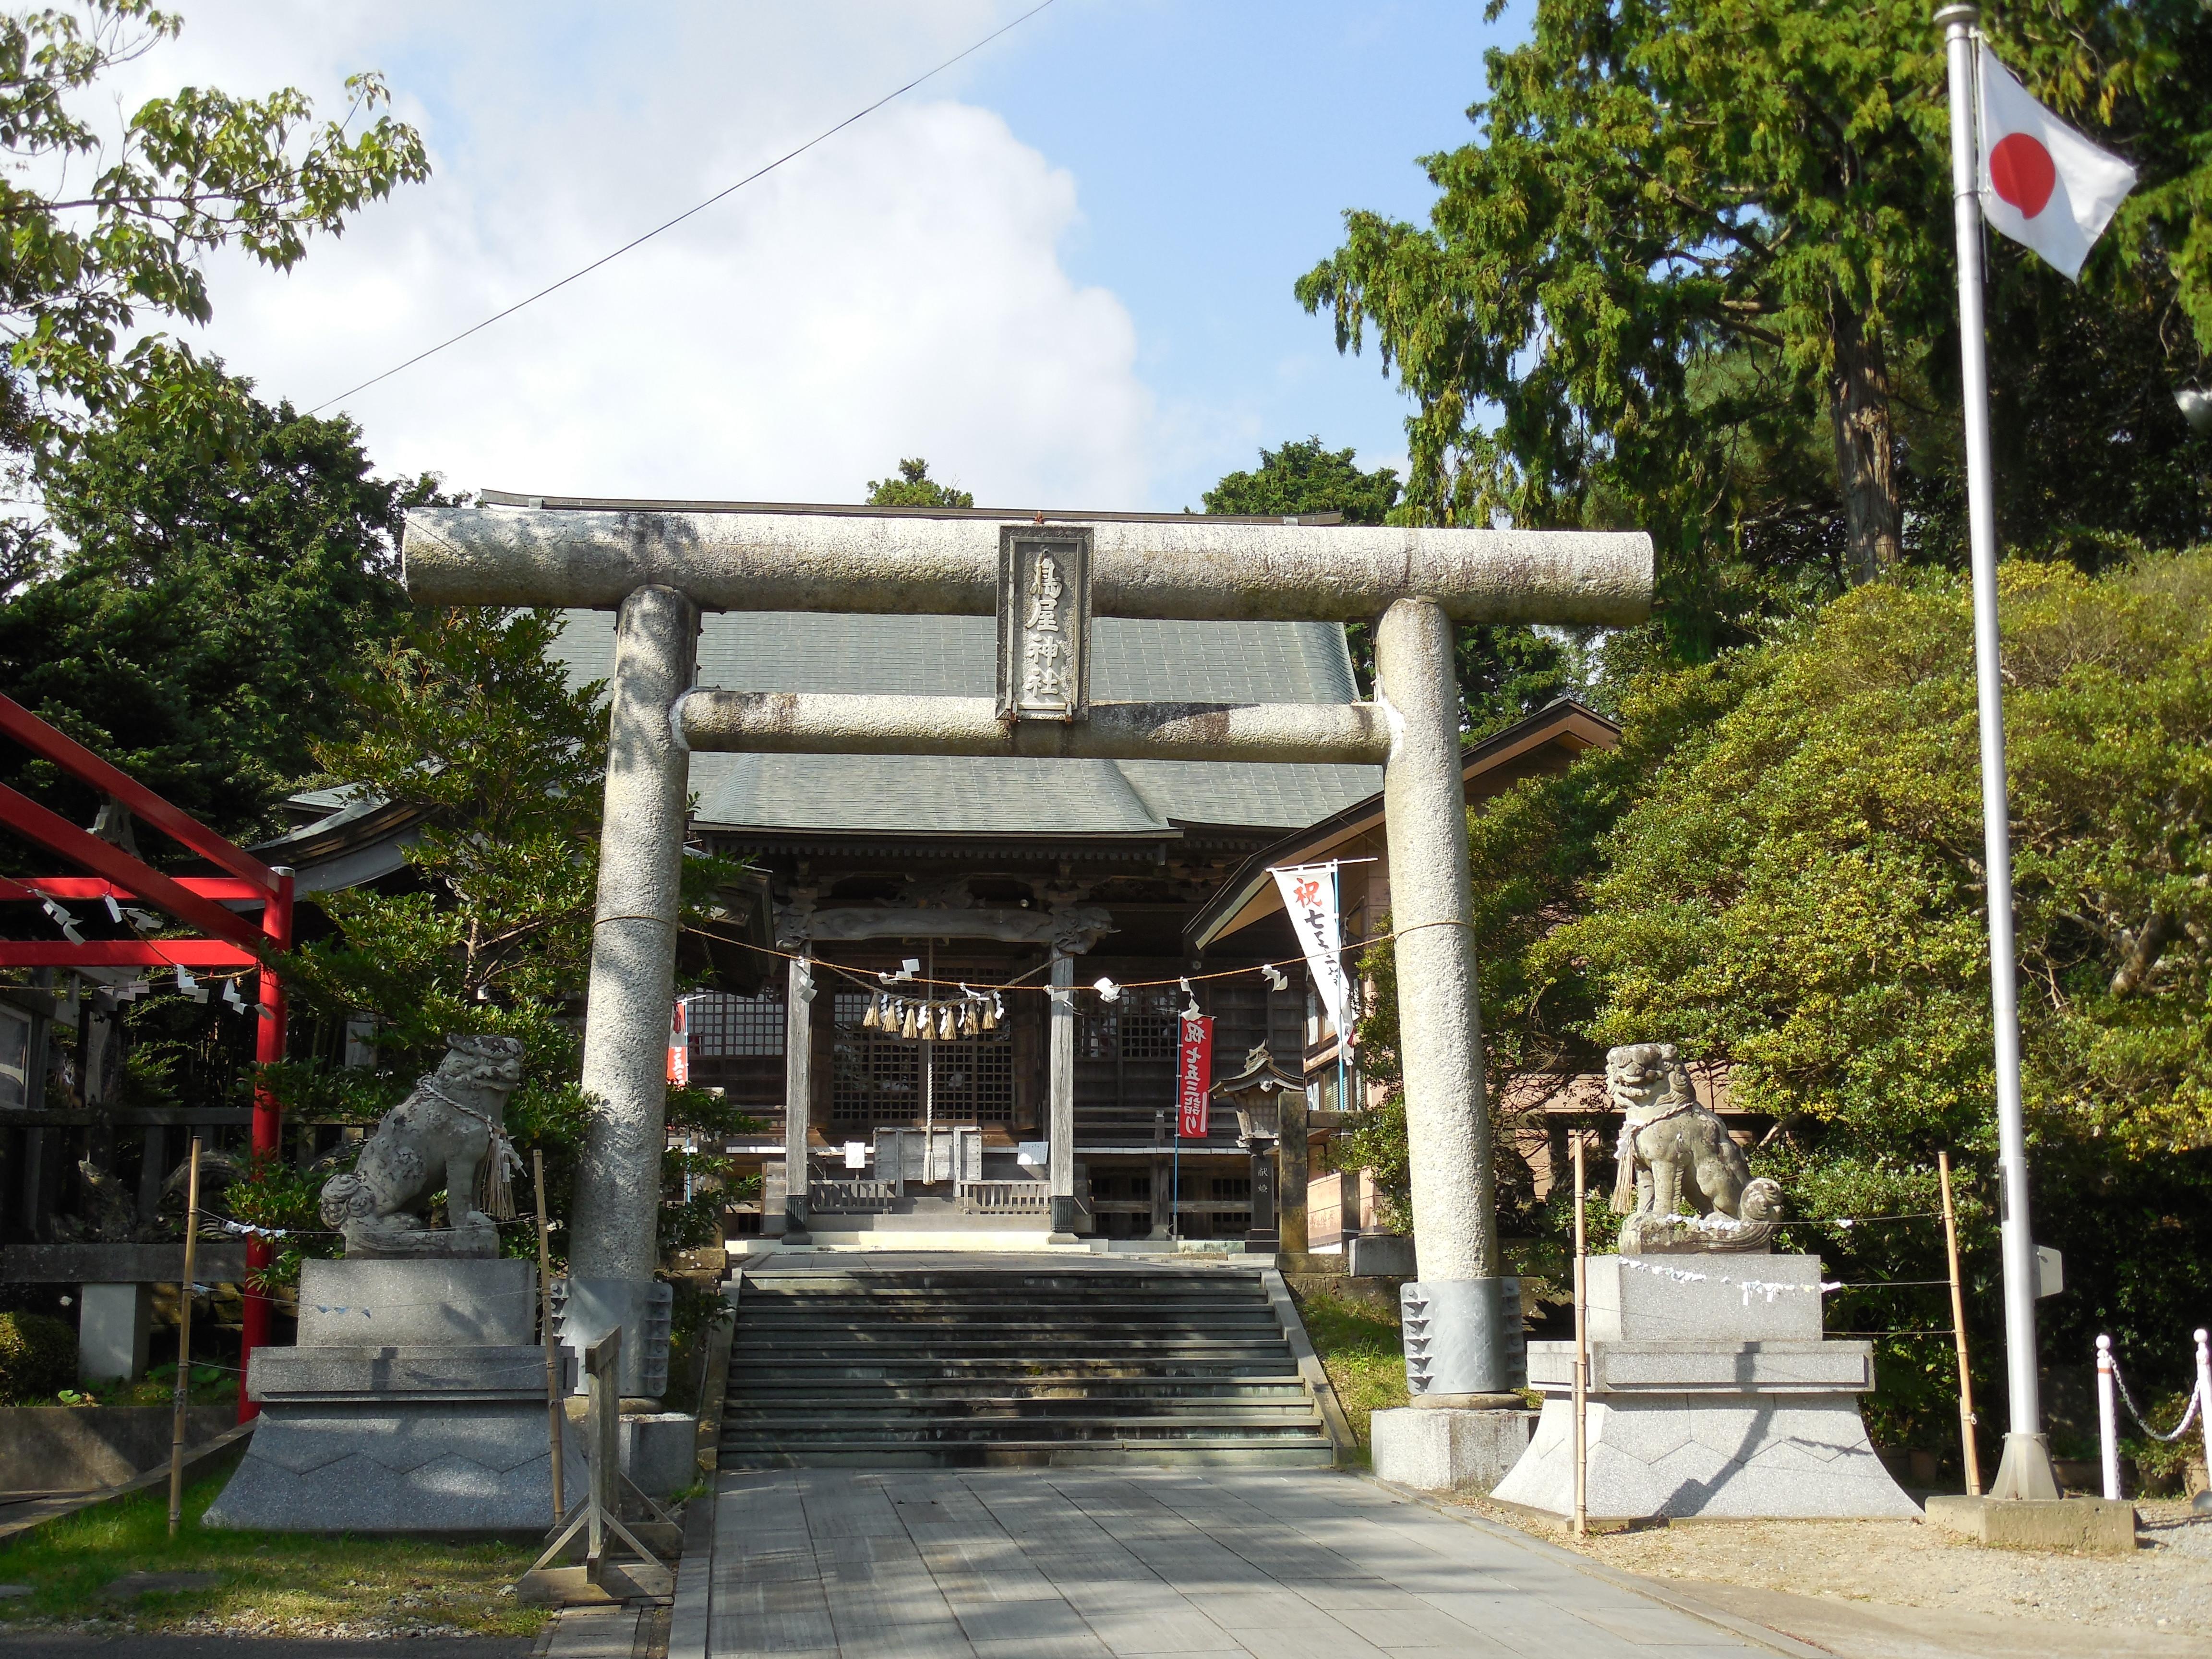 羽黒山鳥屋神社